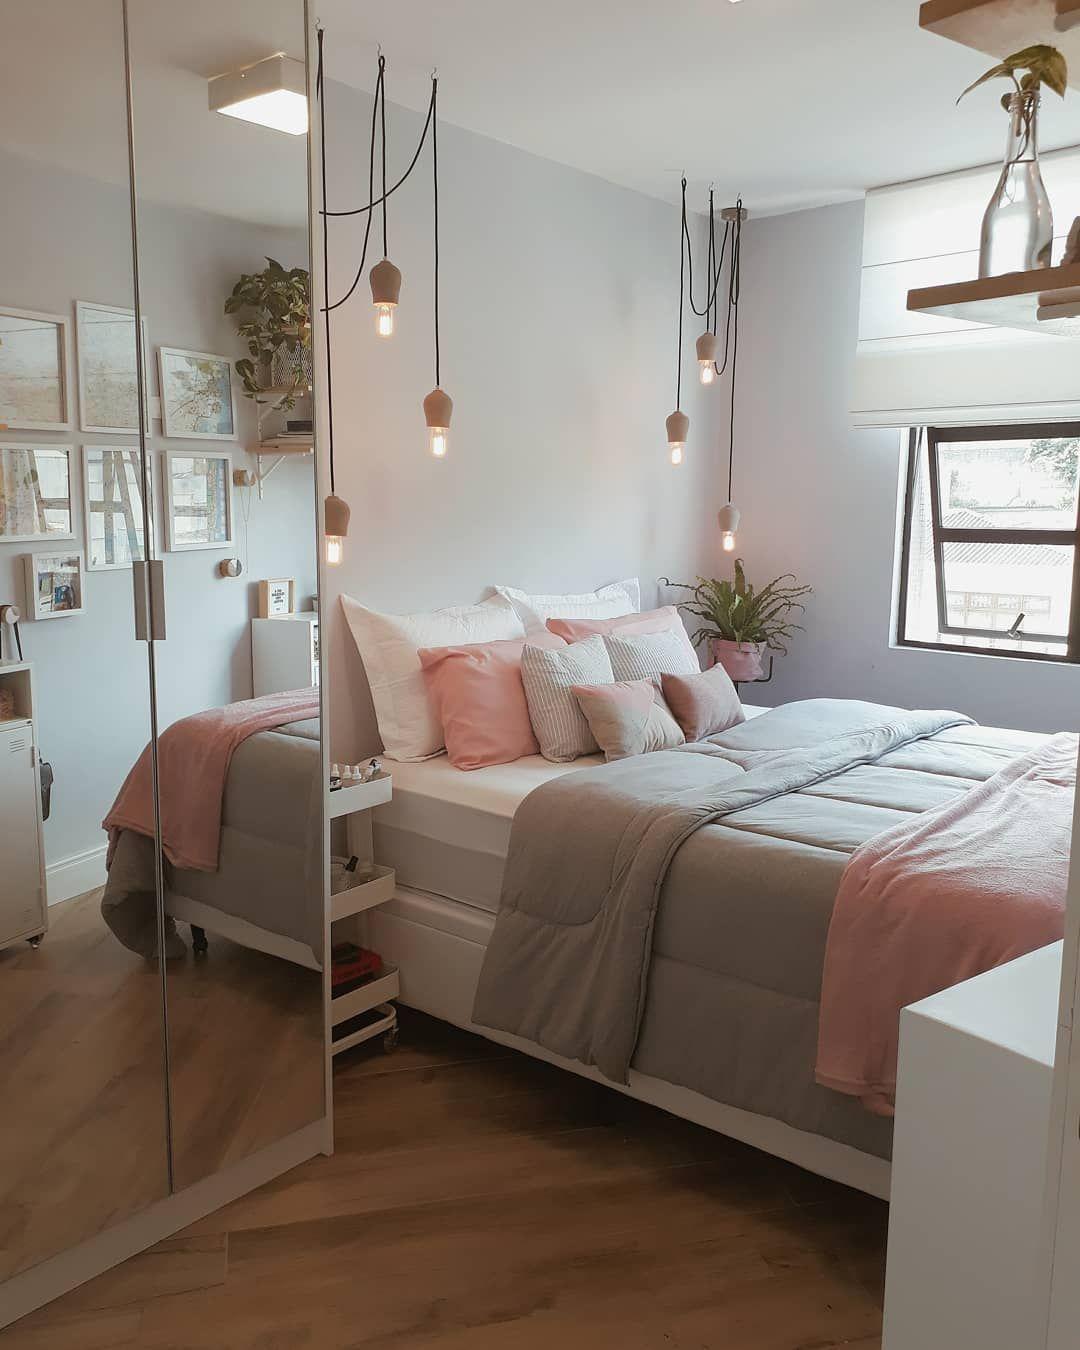 Pin by aliza on home habitaci n moderna dormitorio - Decoraciones de casas modernas ...